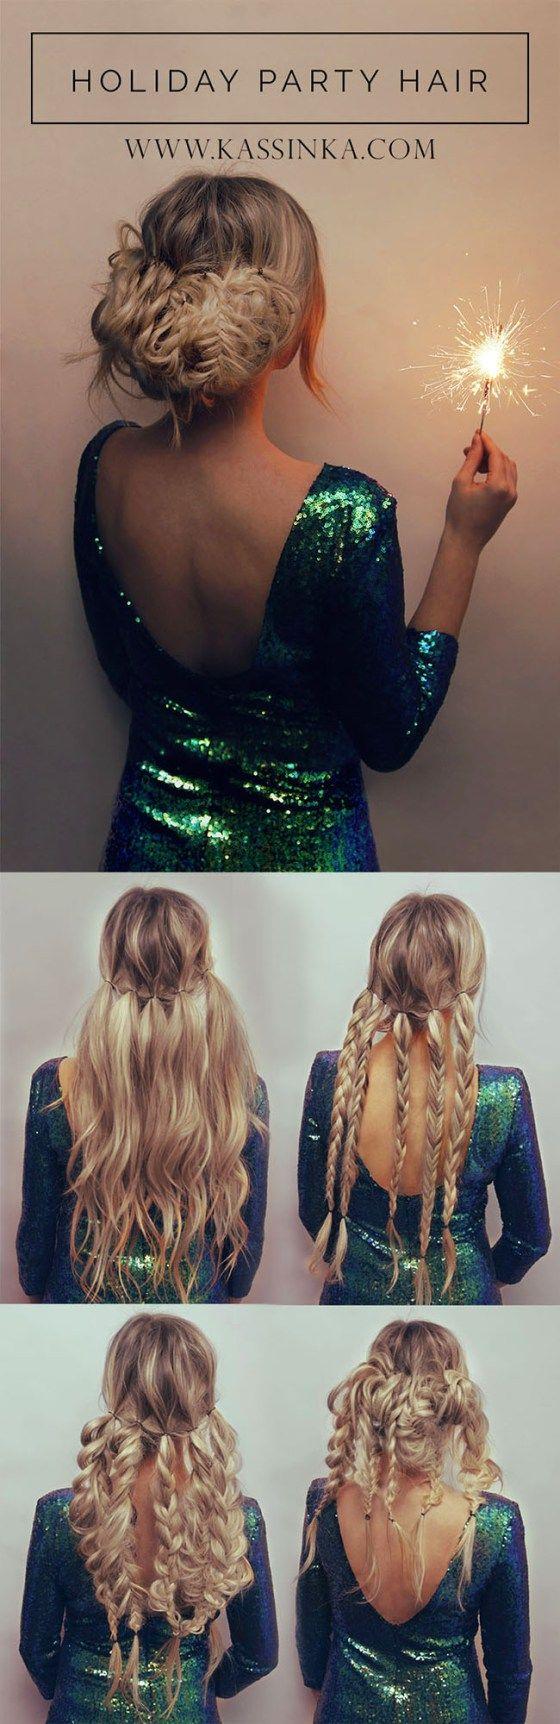 Kassinka Holiday Pary Hair Tutorial